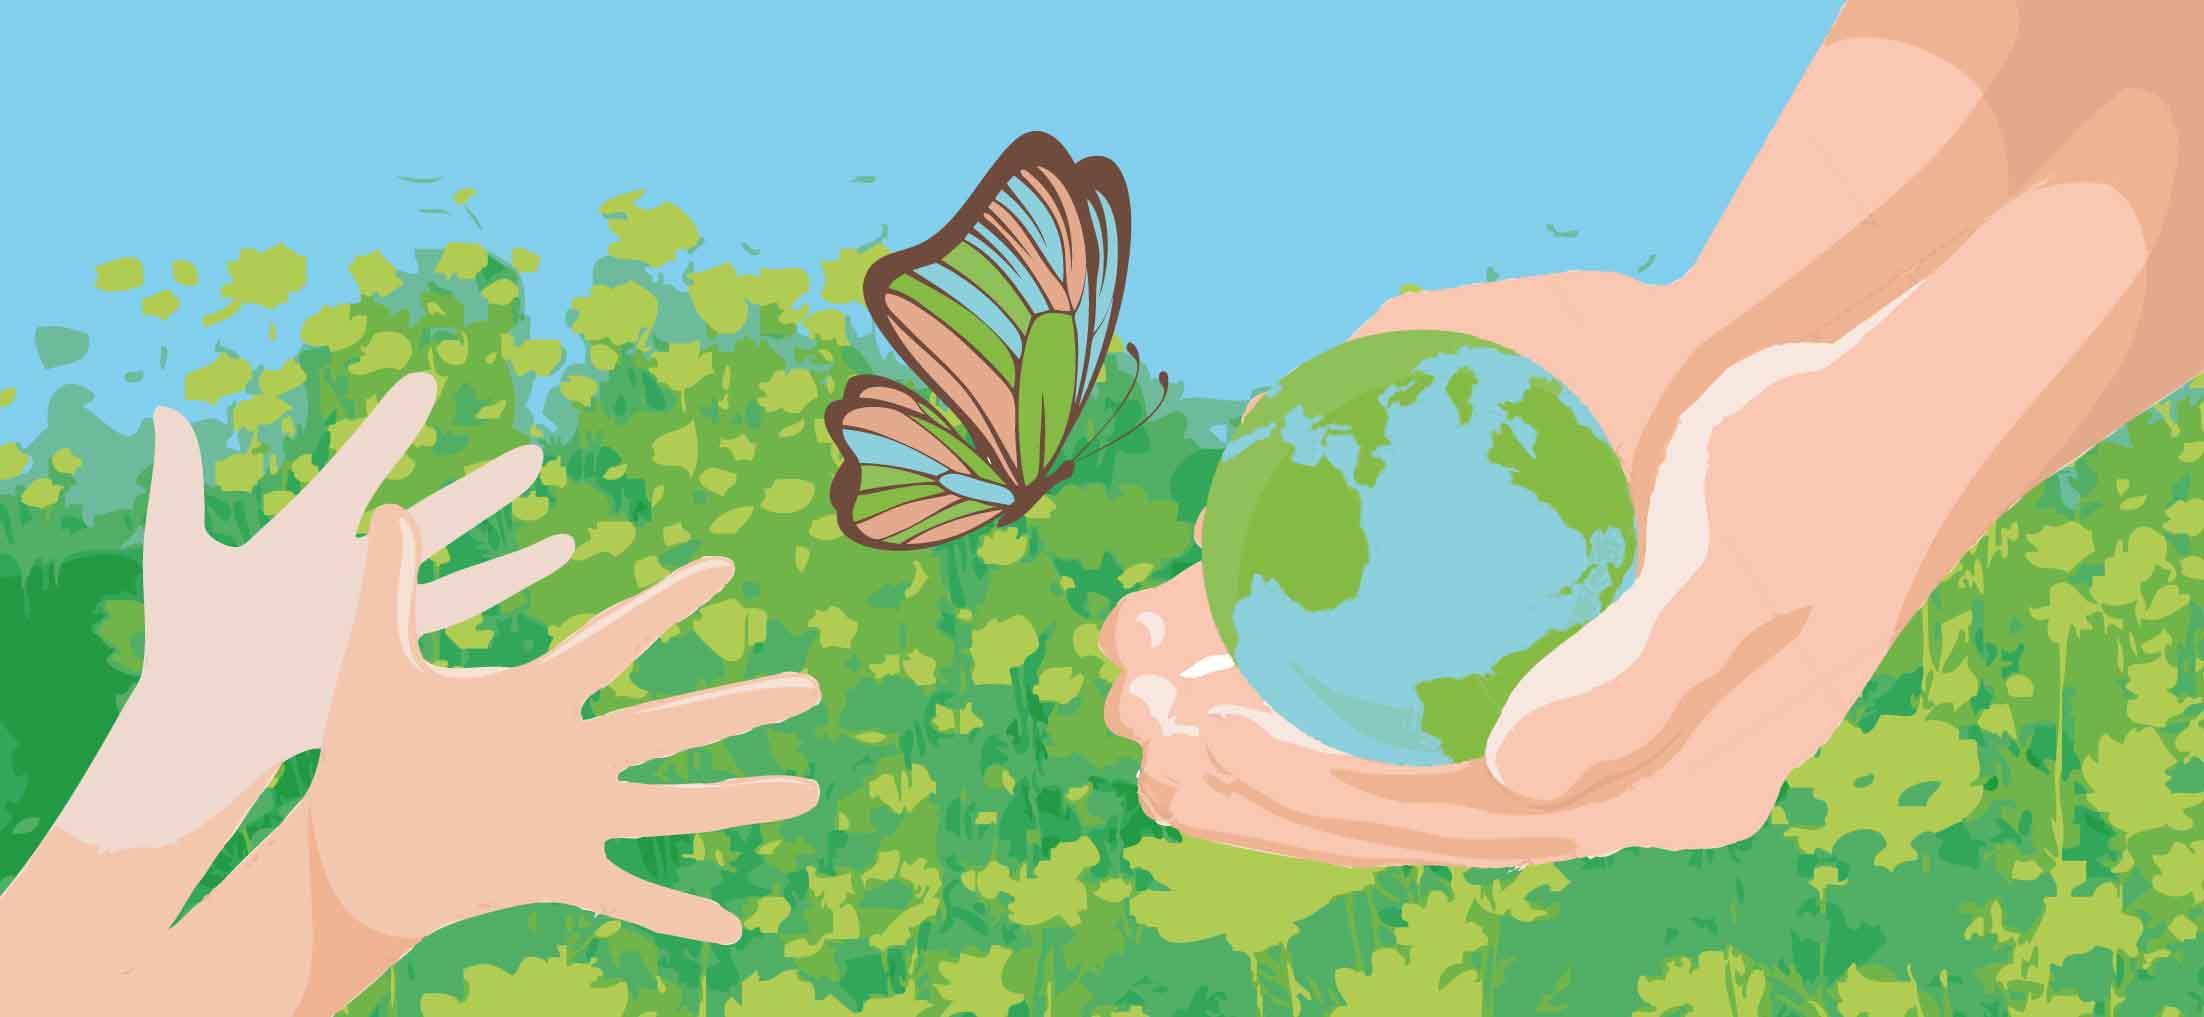 Construire un monde meilleur : tout un programme !